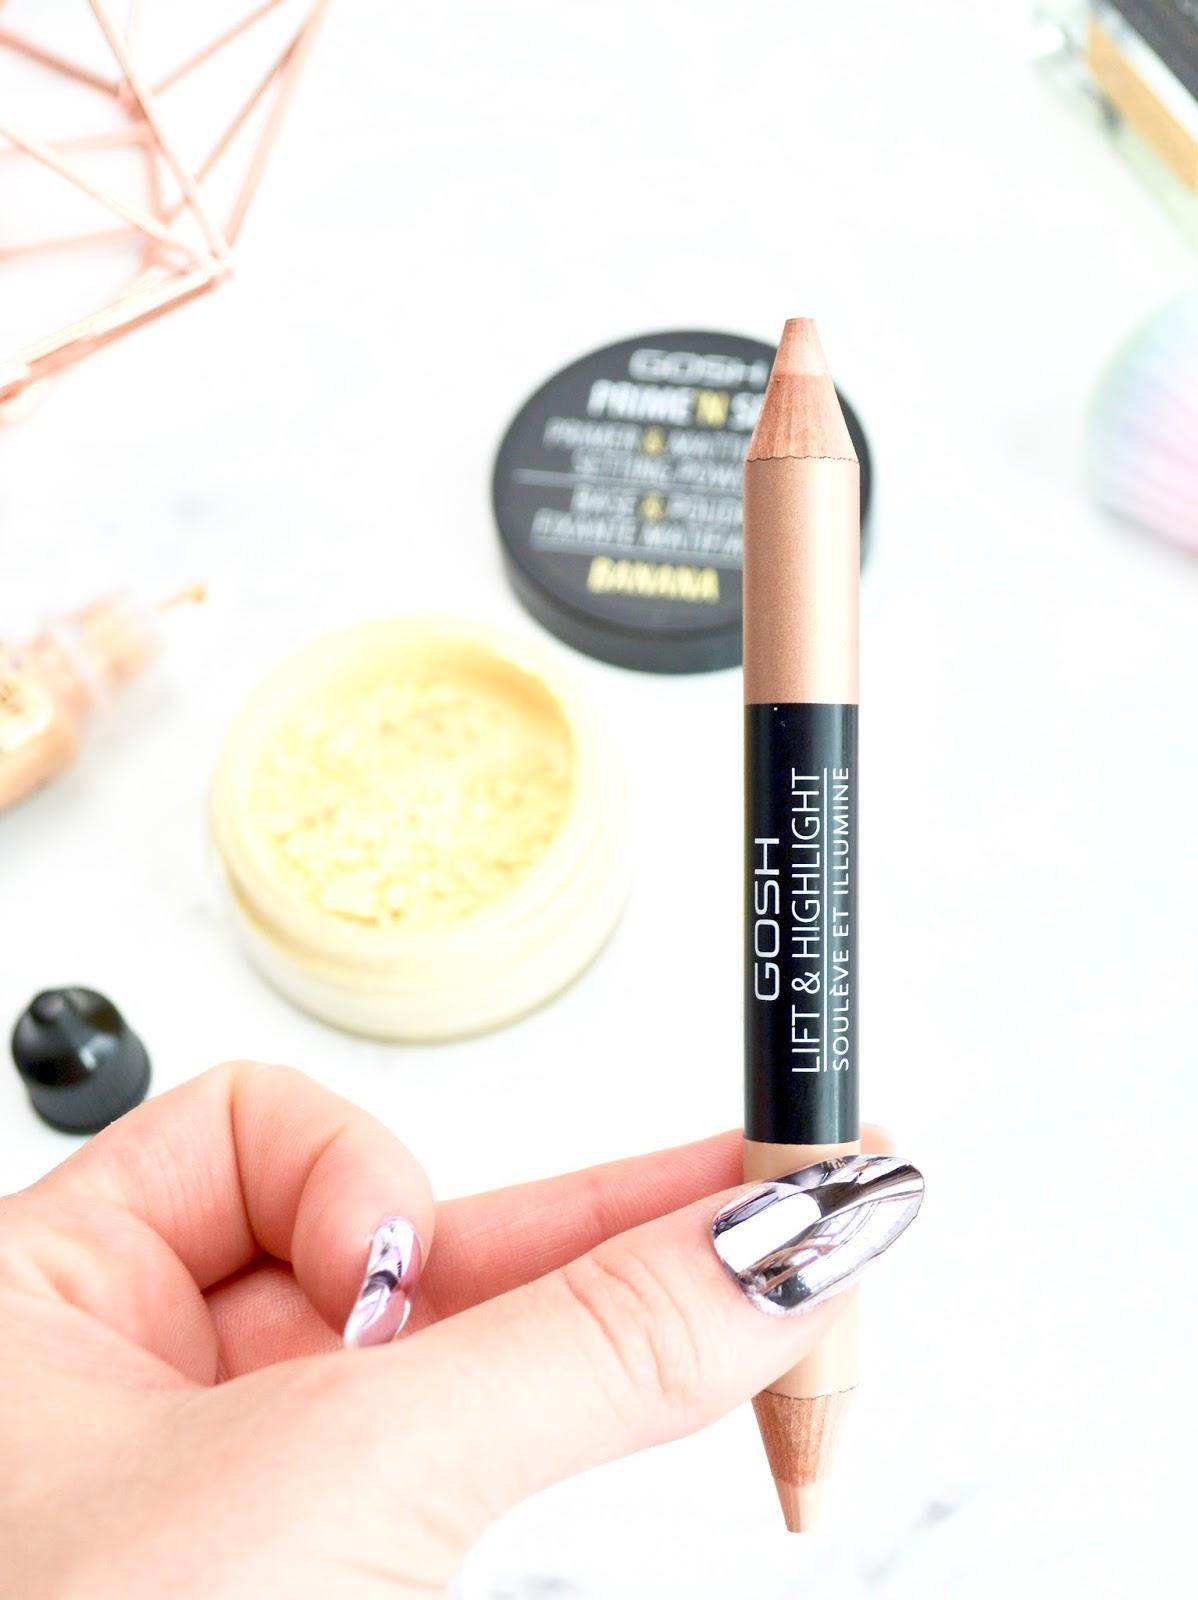 The Best Brightening Makeup From GOSH Copenhagen